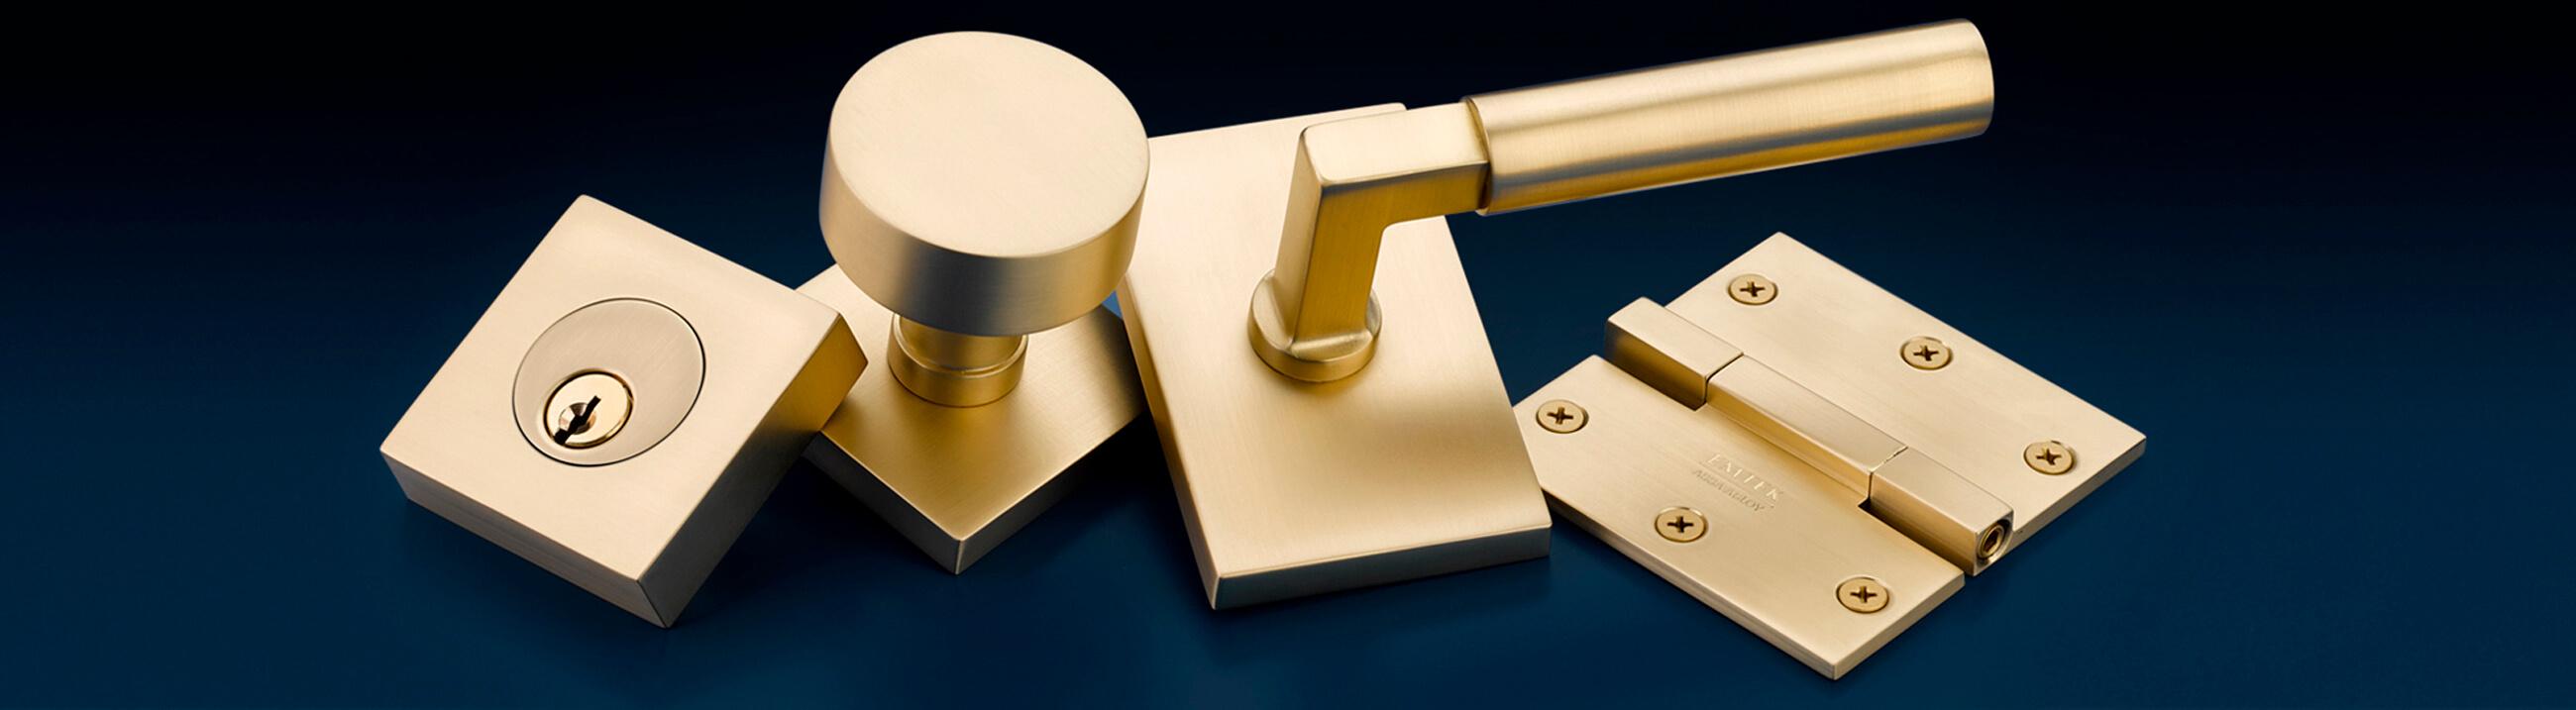 Emtek satin-brass finish hardware